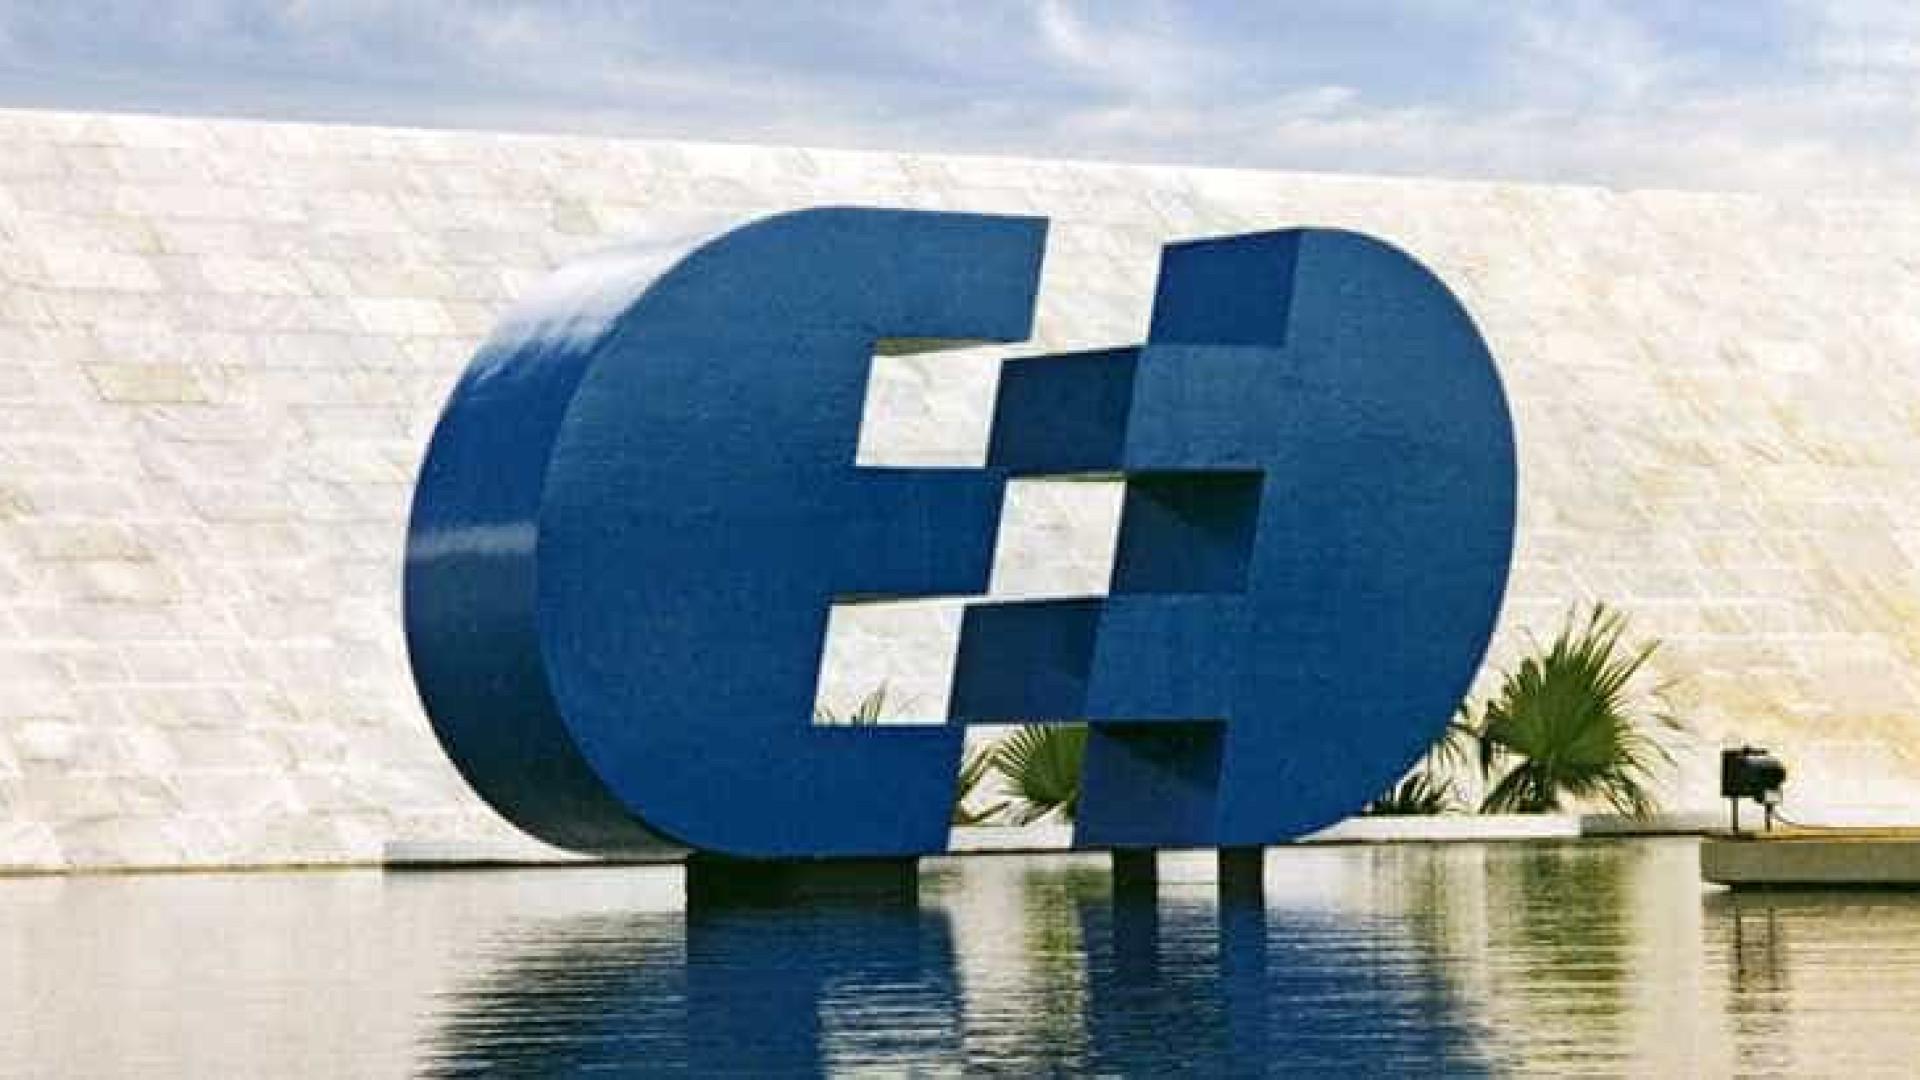 Lucro líquido da Eletrobras recua 96% no 1º trimestre, para R$ 56 mi